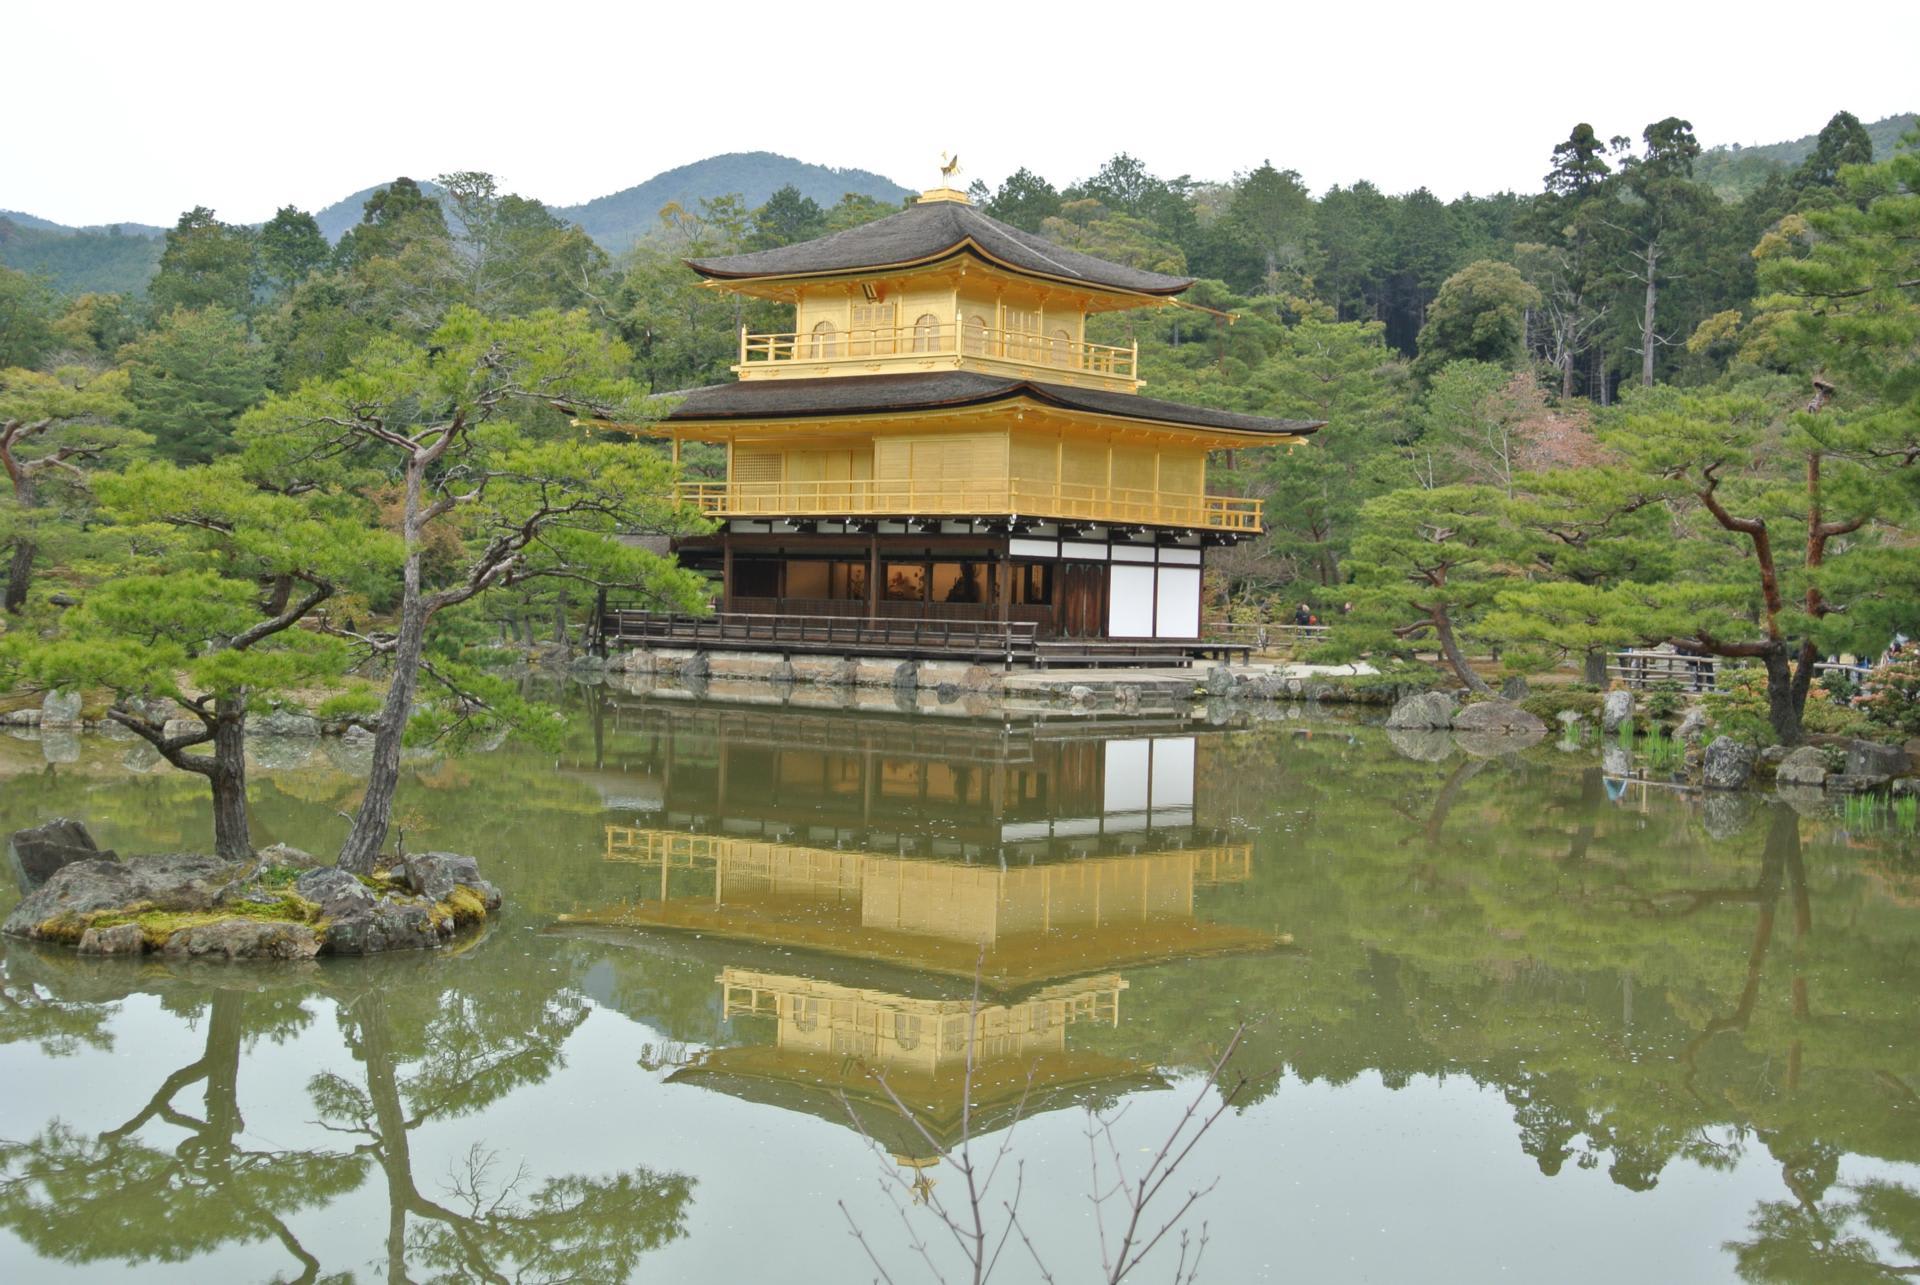 京都旅行二日目ですが、朝から ...